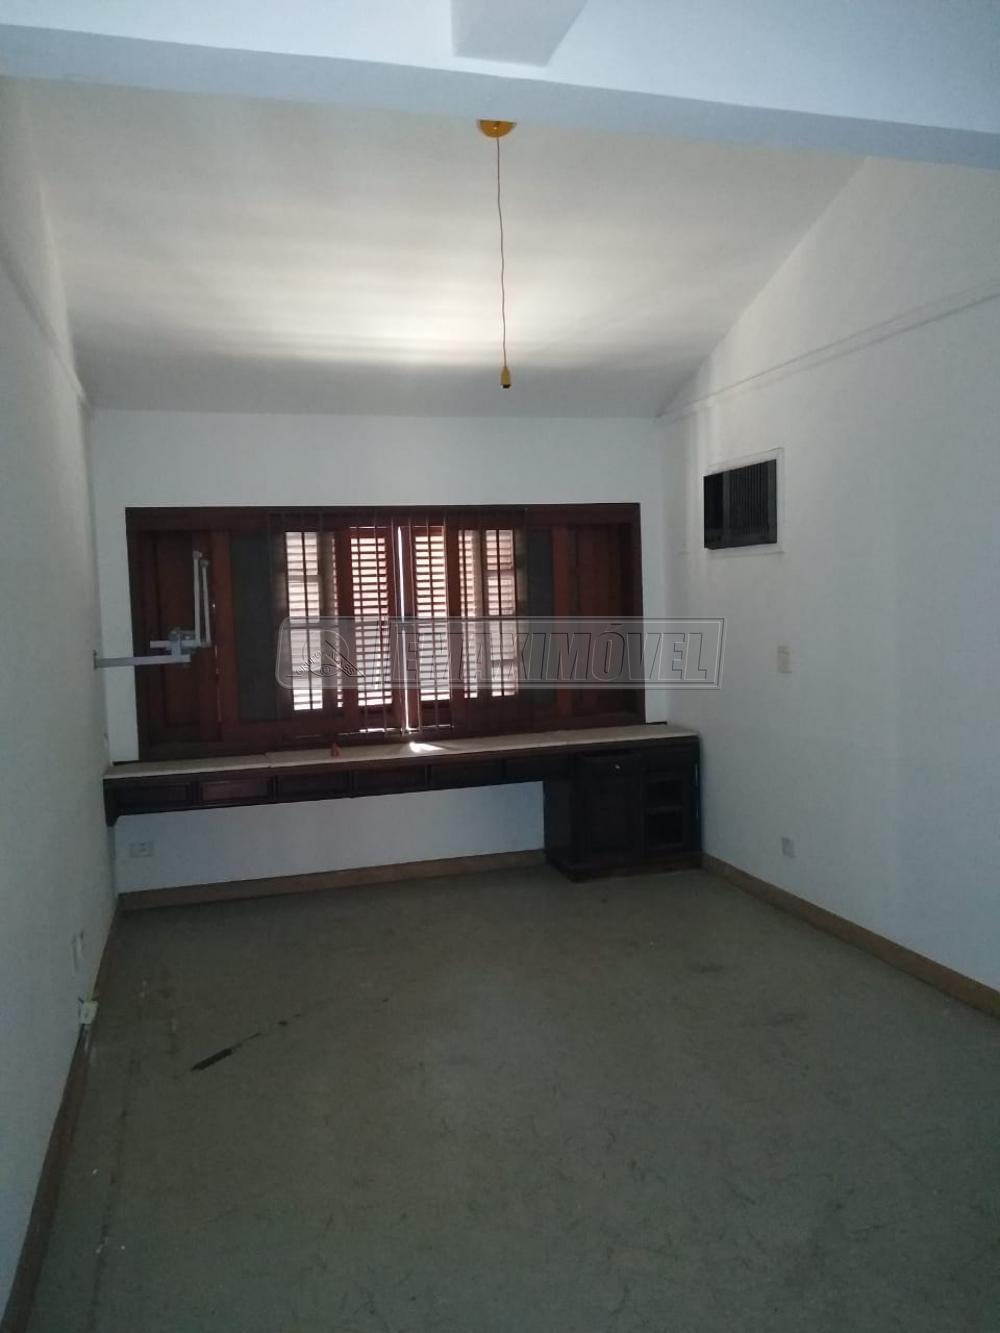 Alugar Comercial / Salões em Sorocaba apenas R$ 7.000,00 - Foto 17